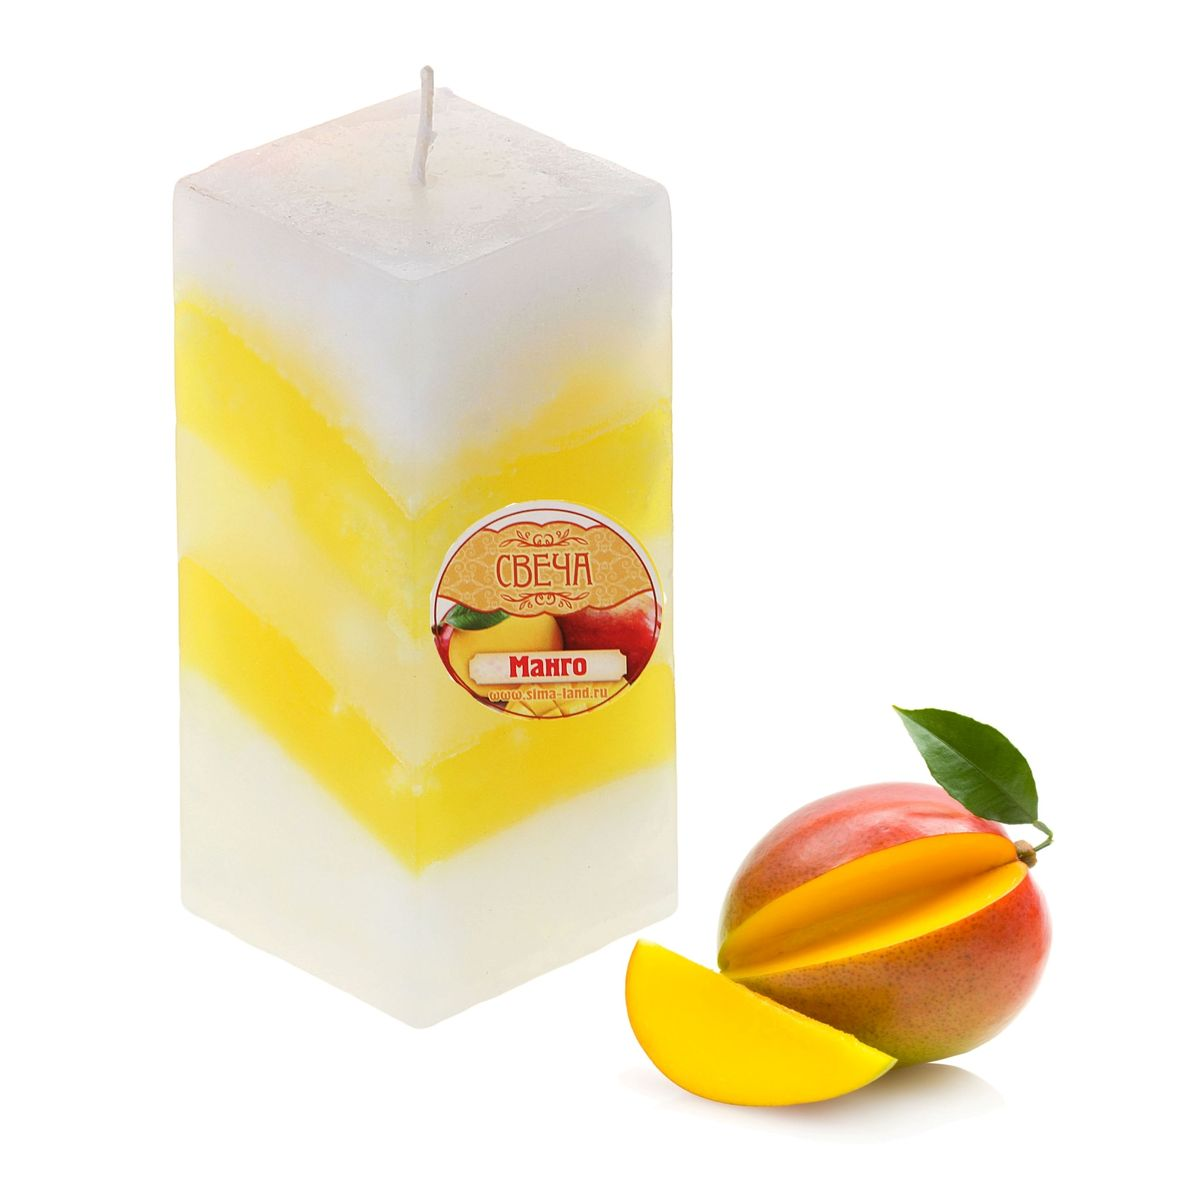 Свеча ароматизированная Sima-land Манго, высота 10 см. 849583ES-412Свеча ароматизированная Sima-land Манго выполнена из воска и оформлена в виде столбика. Свеча отличается ярким дизайном и сочным ароматом манго, который понравится как женщинам, так и мужчинам. Создайте для себя и своих близких не забываемую атмосферу праздника и уюта в доме. Свеча будет радовать свежим ароматом и раскрасит серые будни яркими красками.